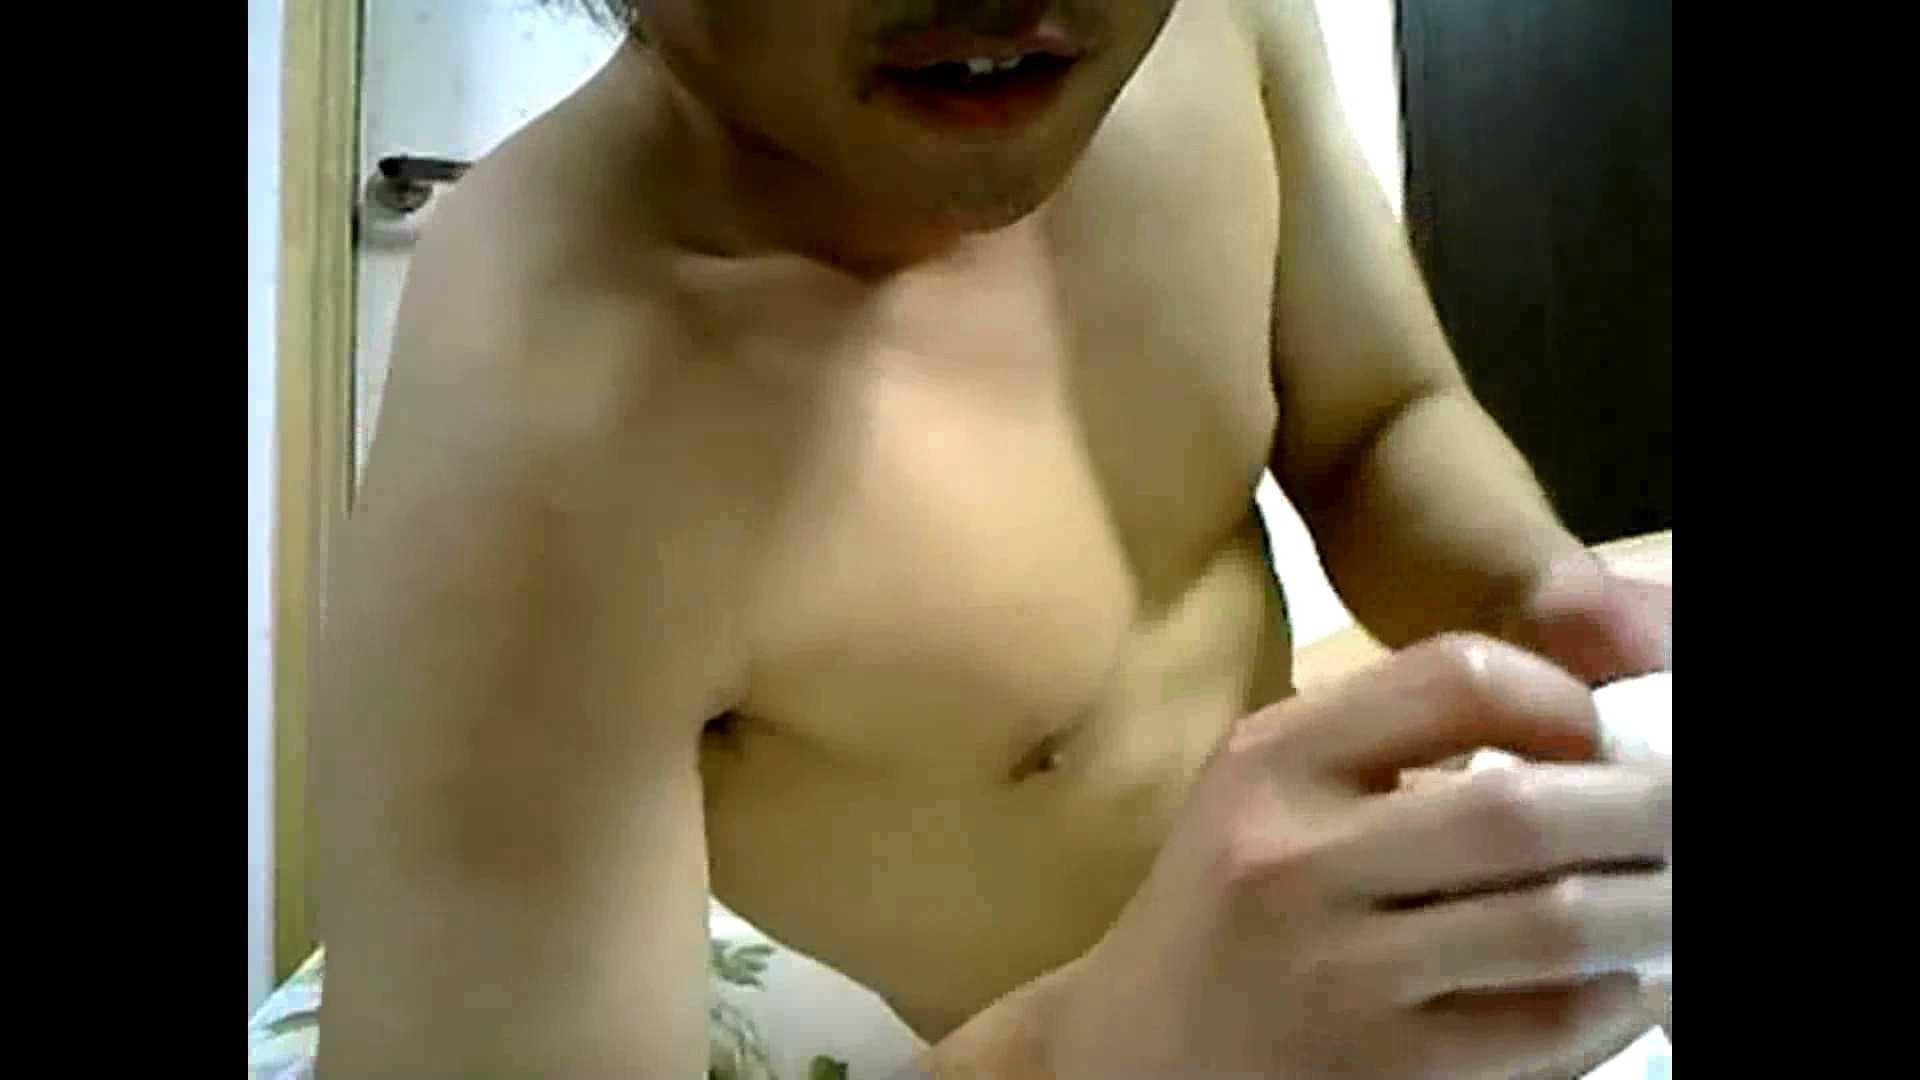 ~厳選!素人イケメン~俺のオナニズムⅡVol.2 後編 ゲイのオナニー映像  75枚 65